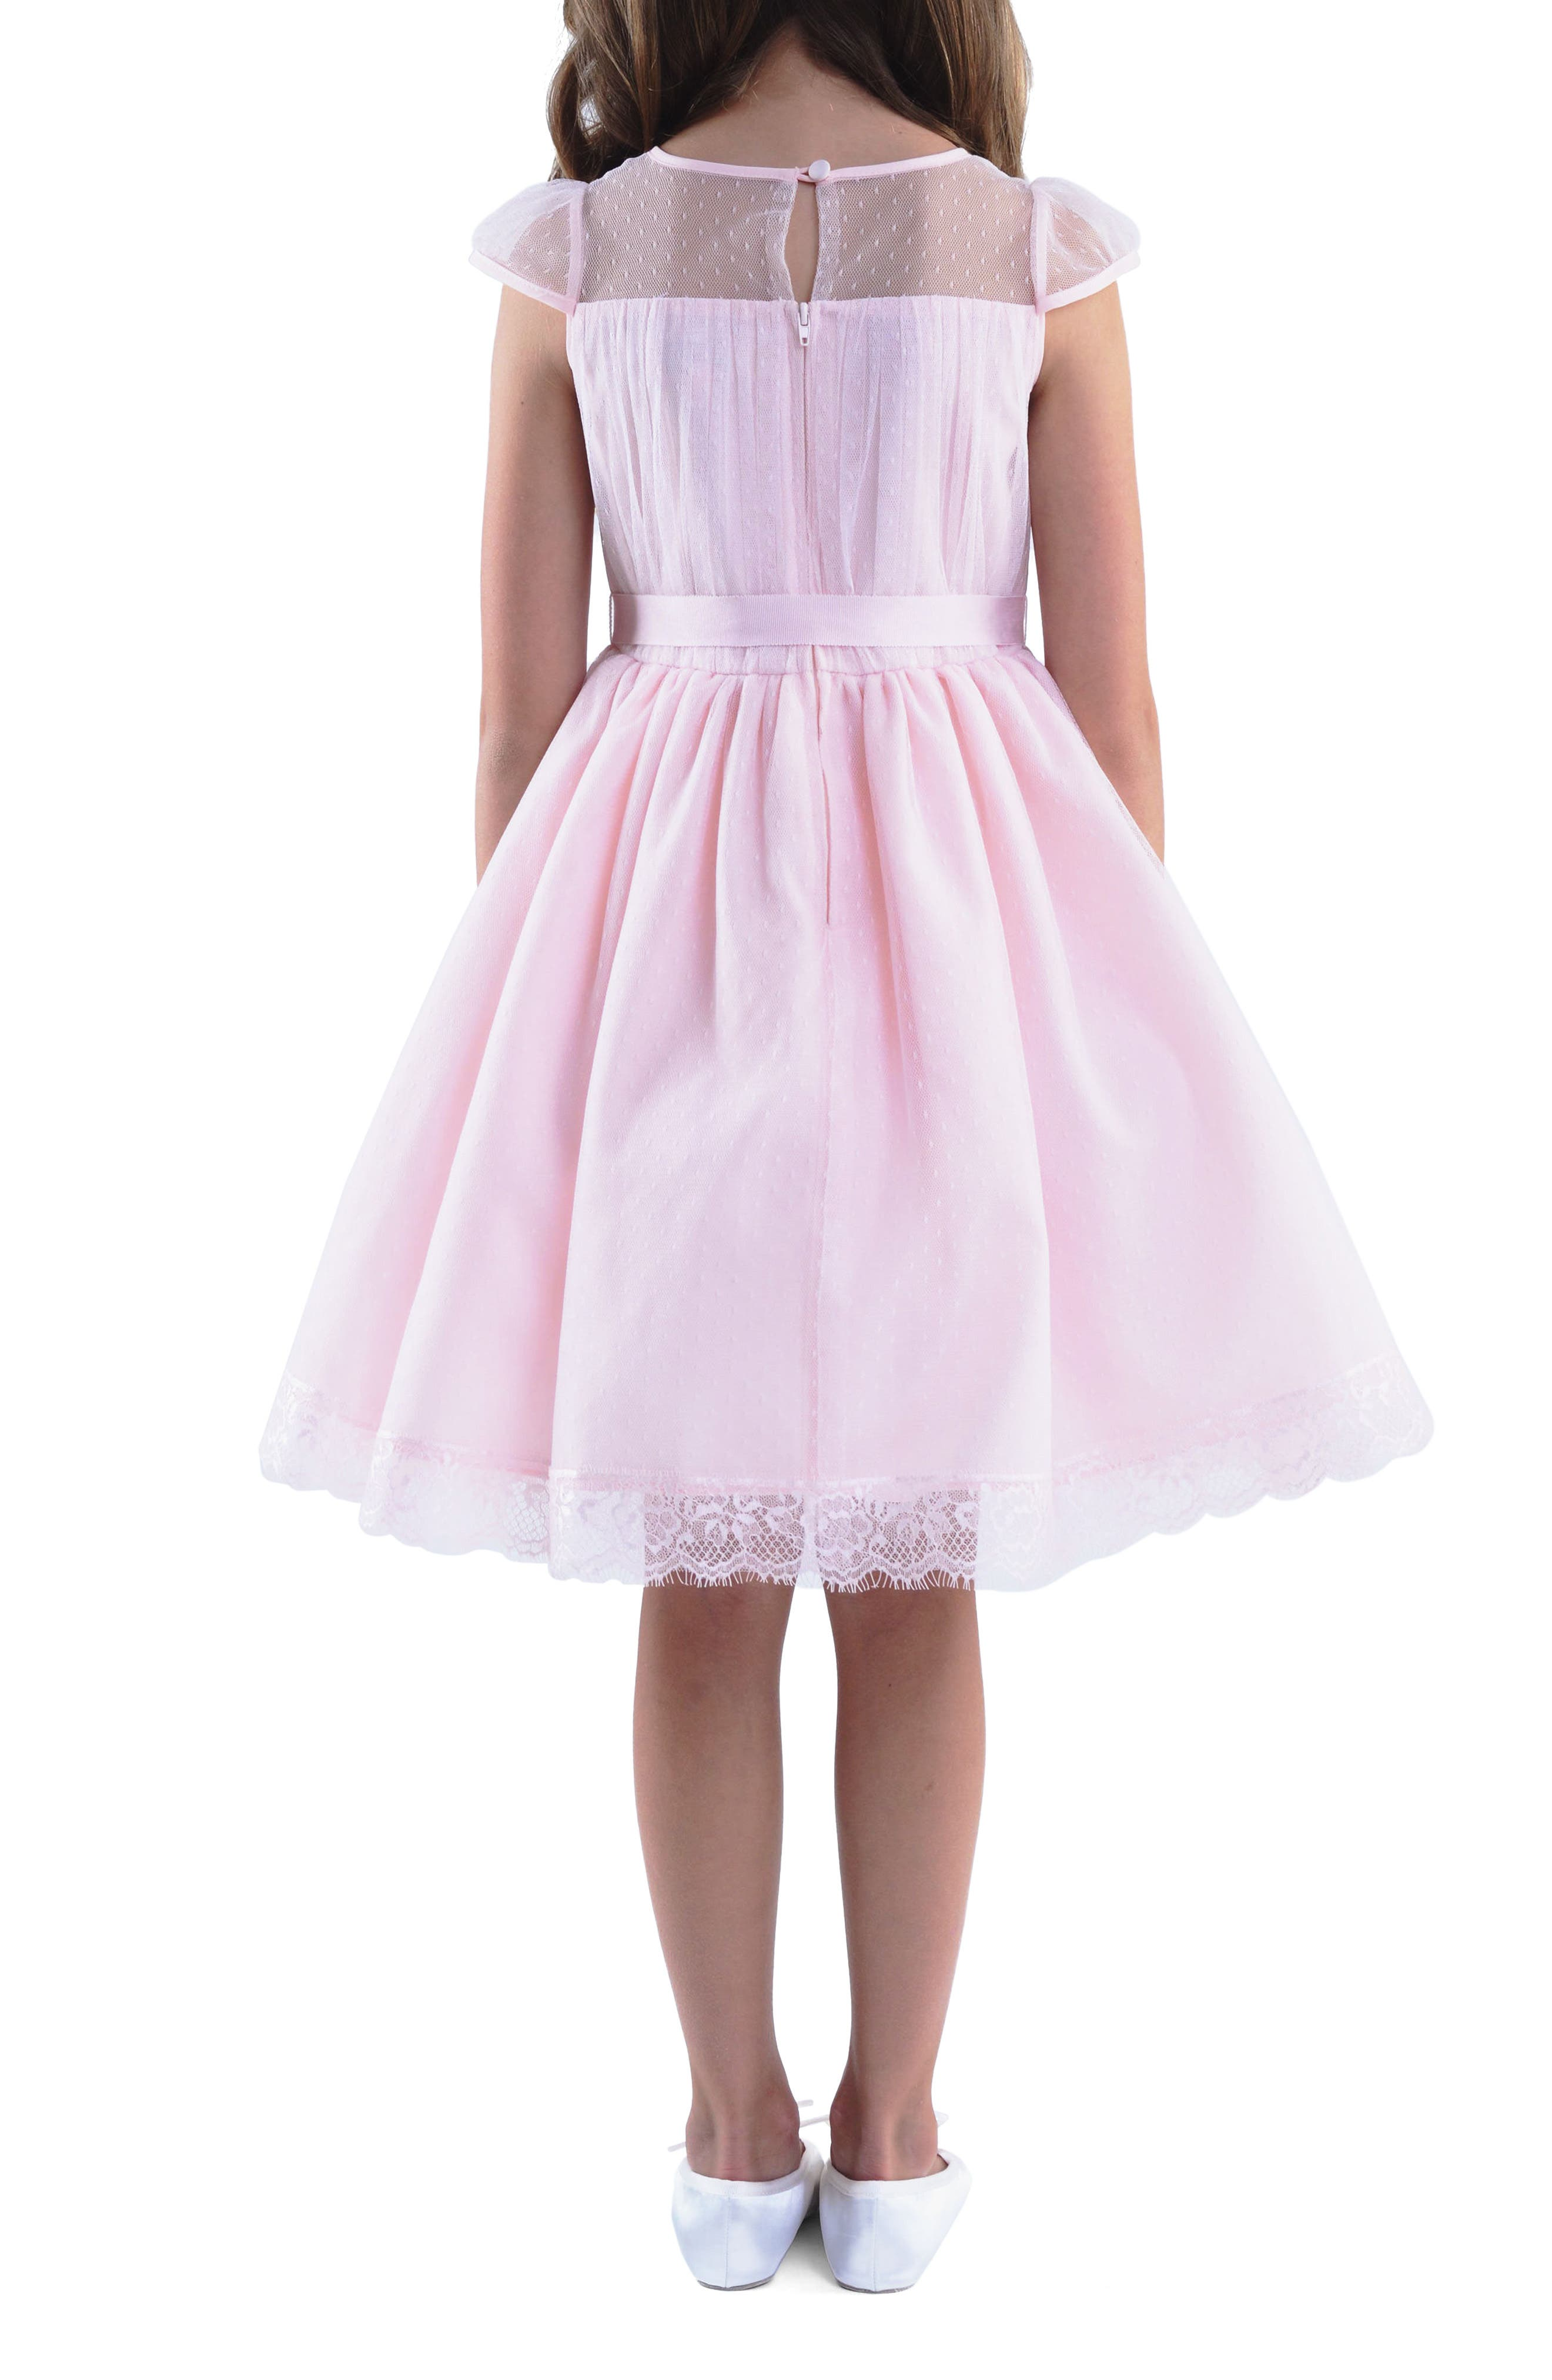 Point d'Esprit Dress,                             Alternate thumbnail 2, color,                             BLUSH PINK